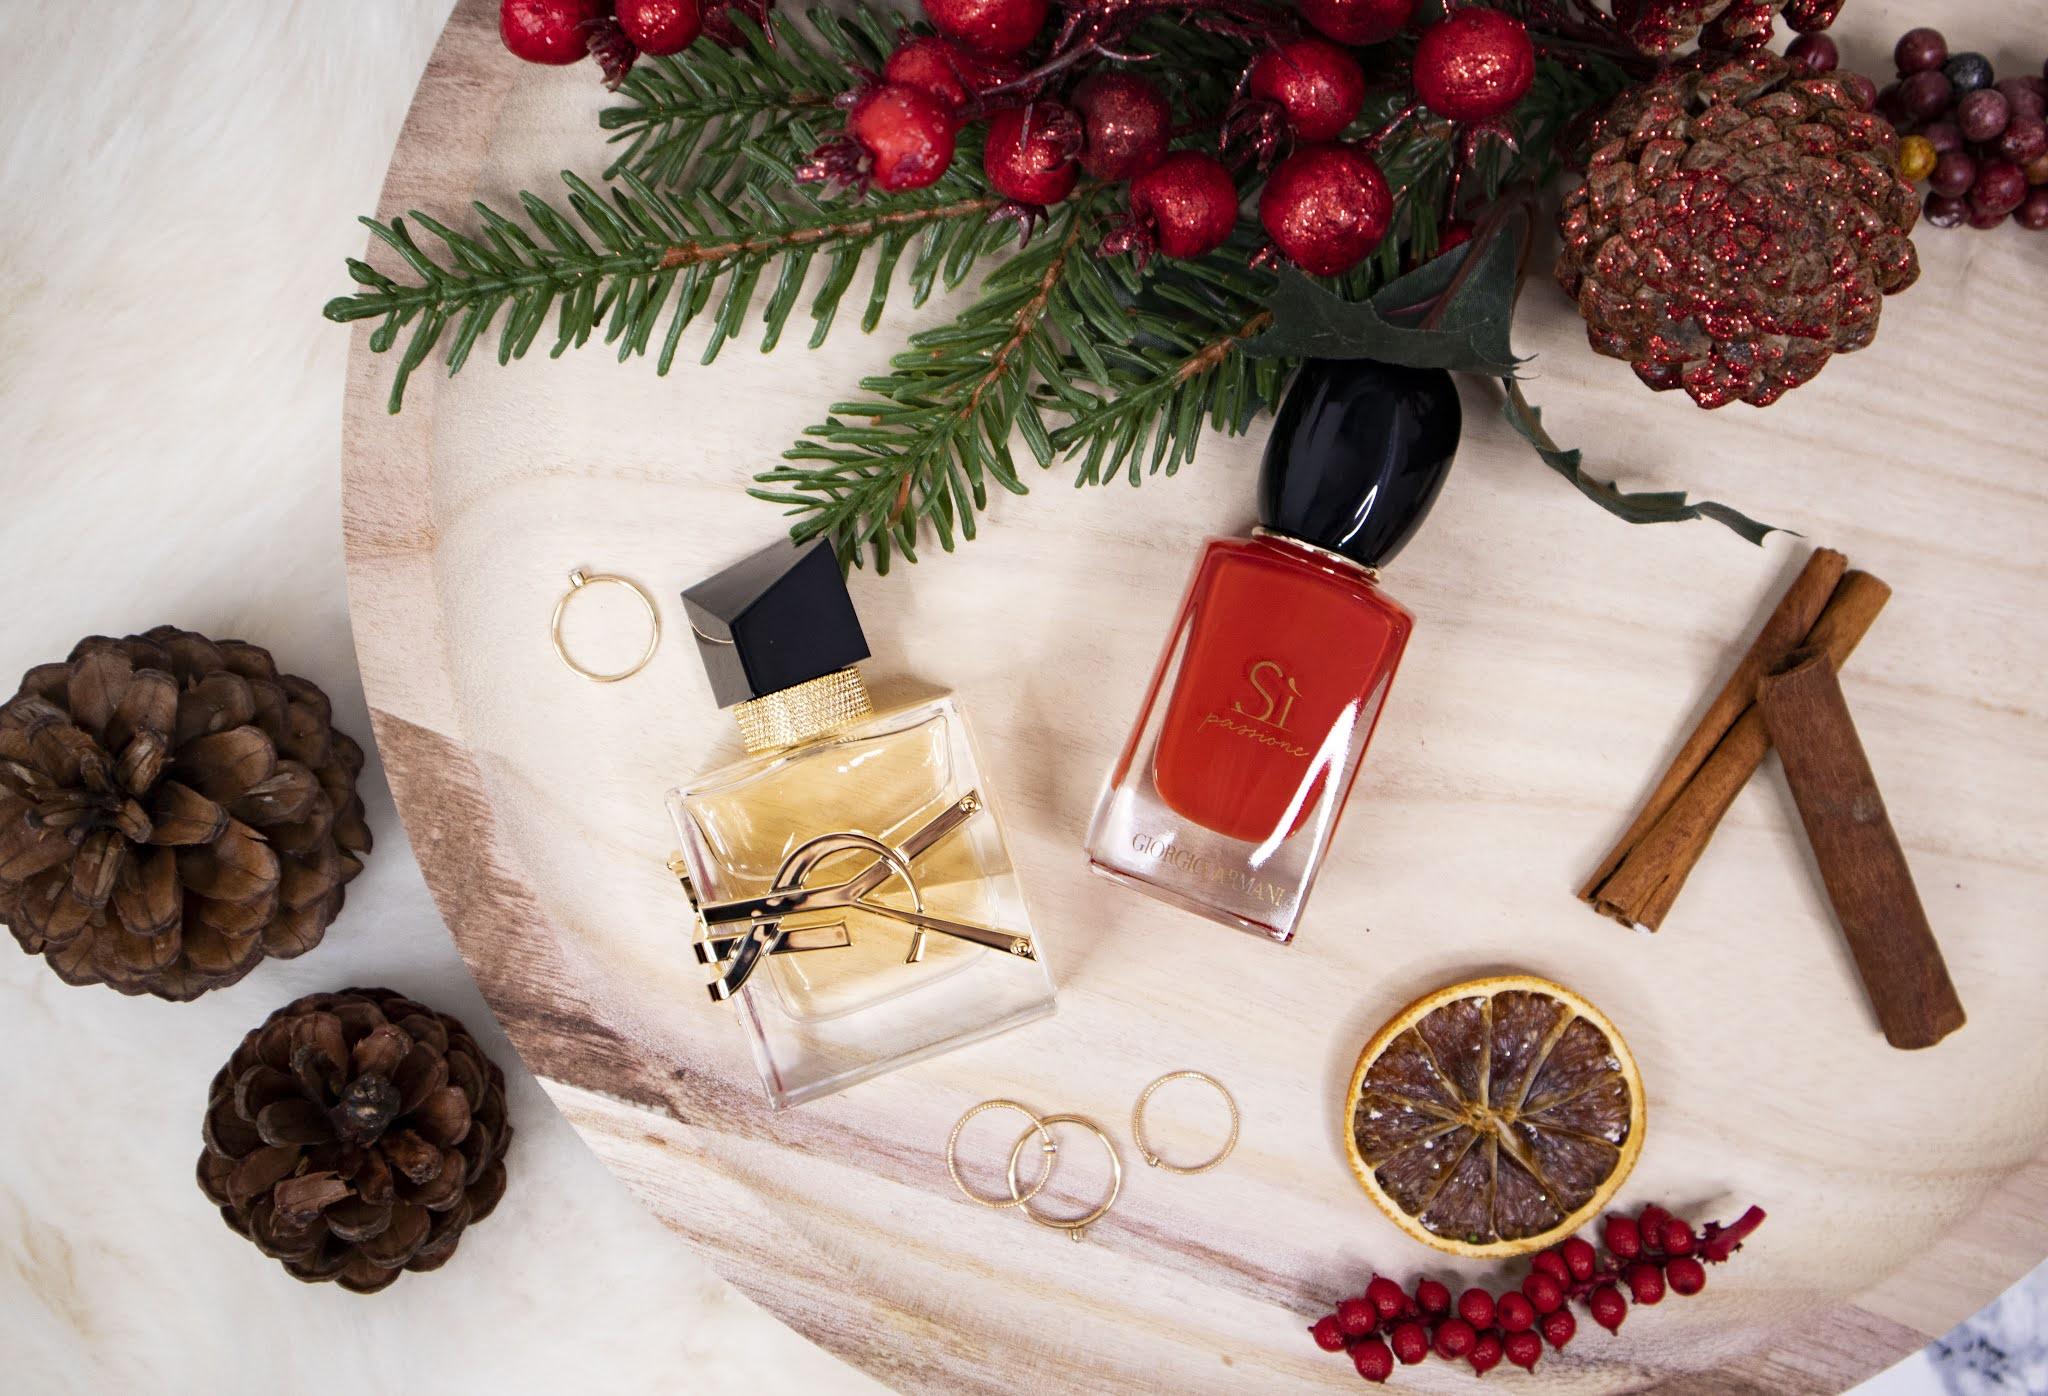 die besten winterdüfte für damen Armani Sì Passione Yves Saint Laurent Libre Eau de Parfum